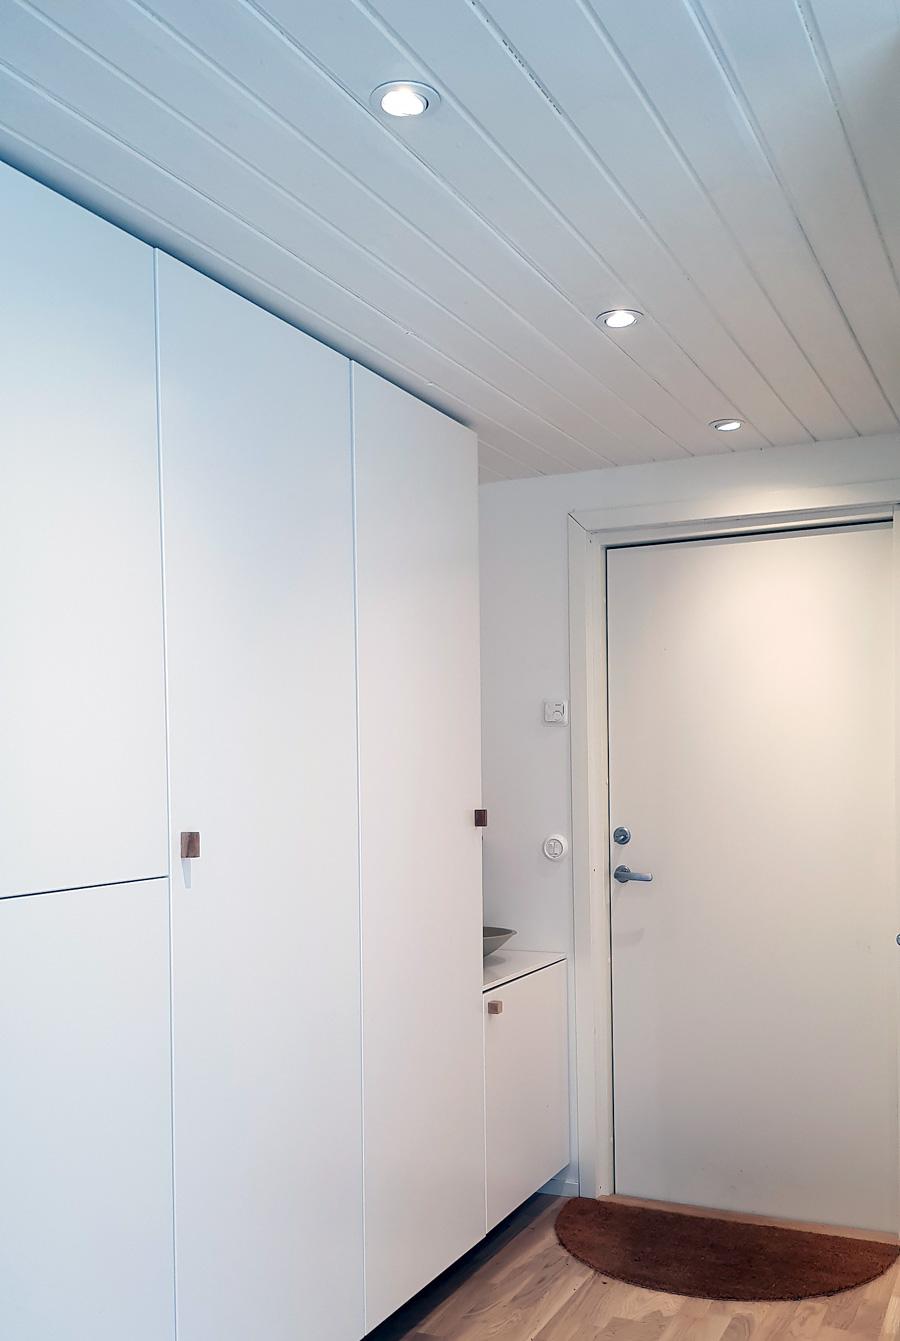 Inbyggda spotlights innertak i korridor/hall